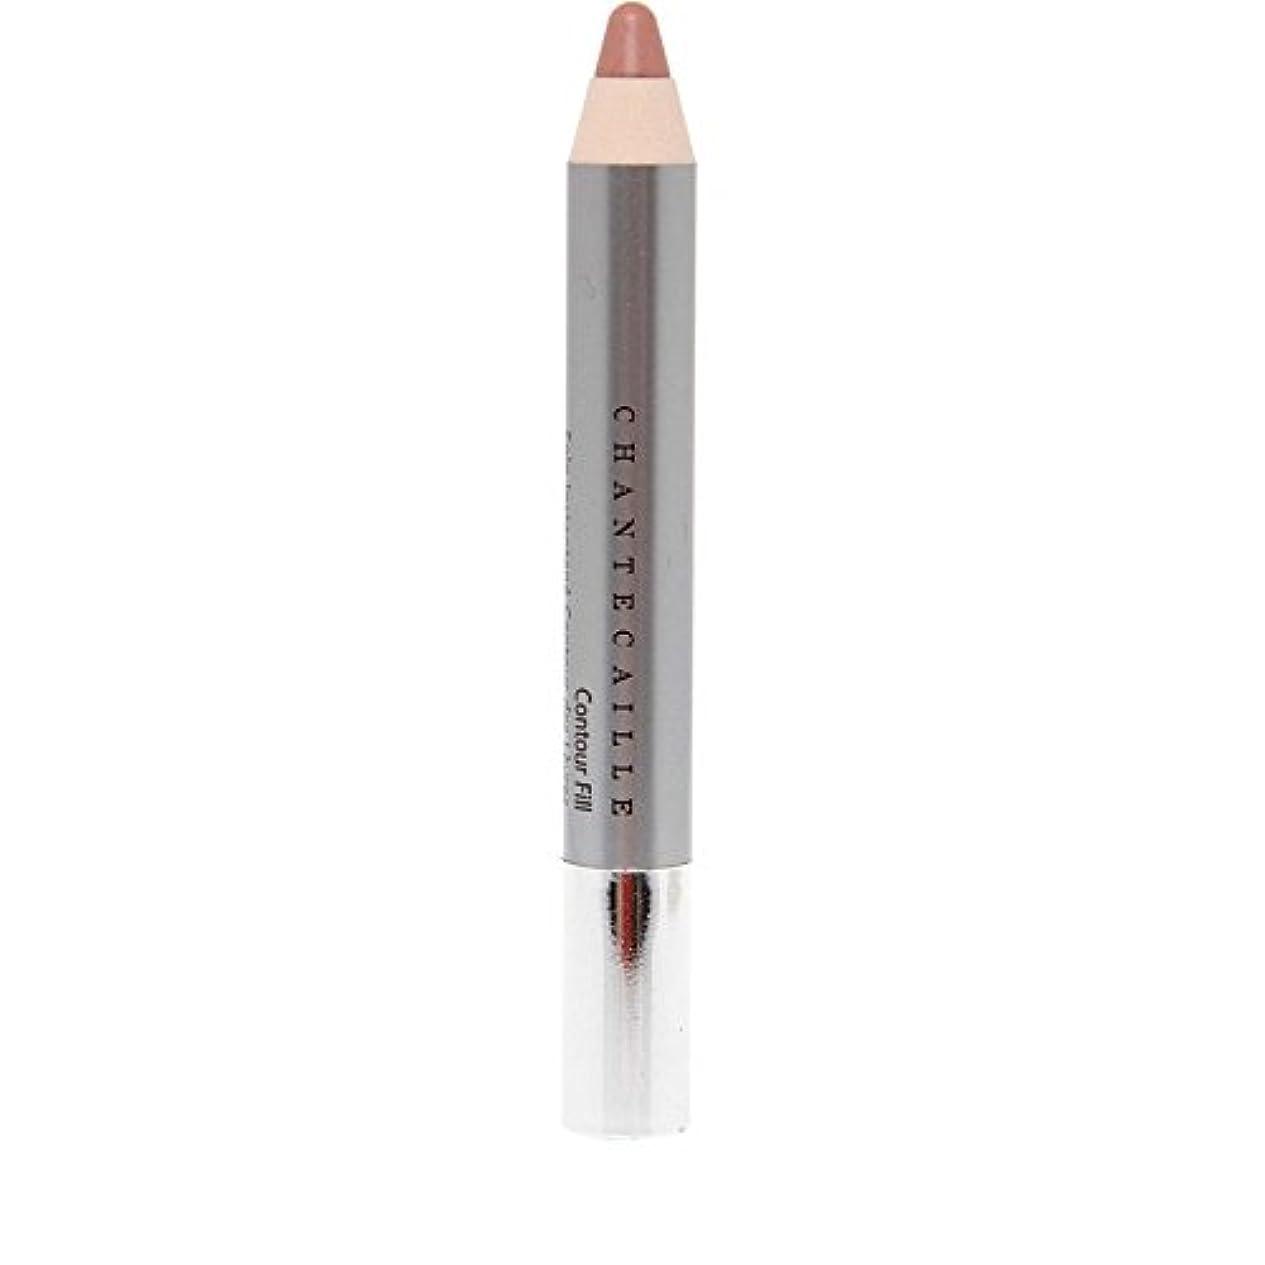 しがみつくアコー方法論シャンテカイユリップ輪郭フィル鉛筆 x4 - Chantecaille Lip Contour Fill Pencil (Pack of 4) [並行輸入品]